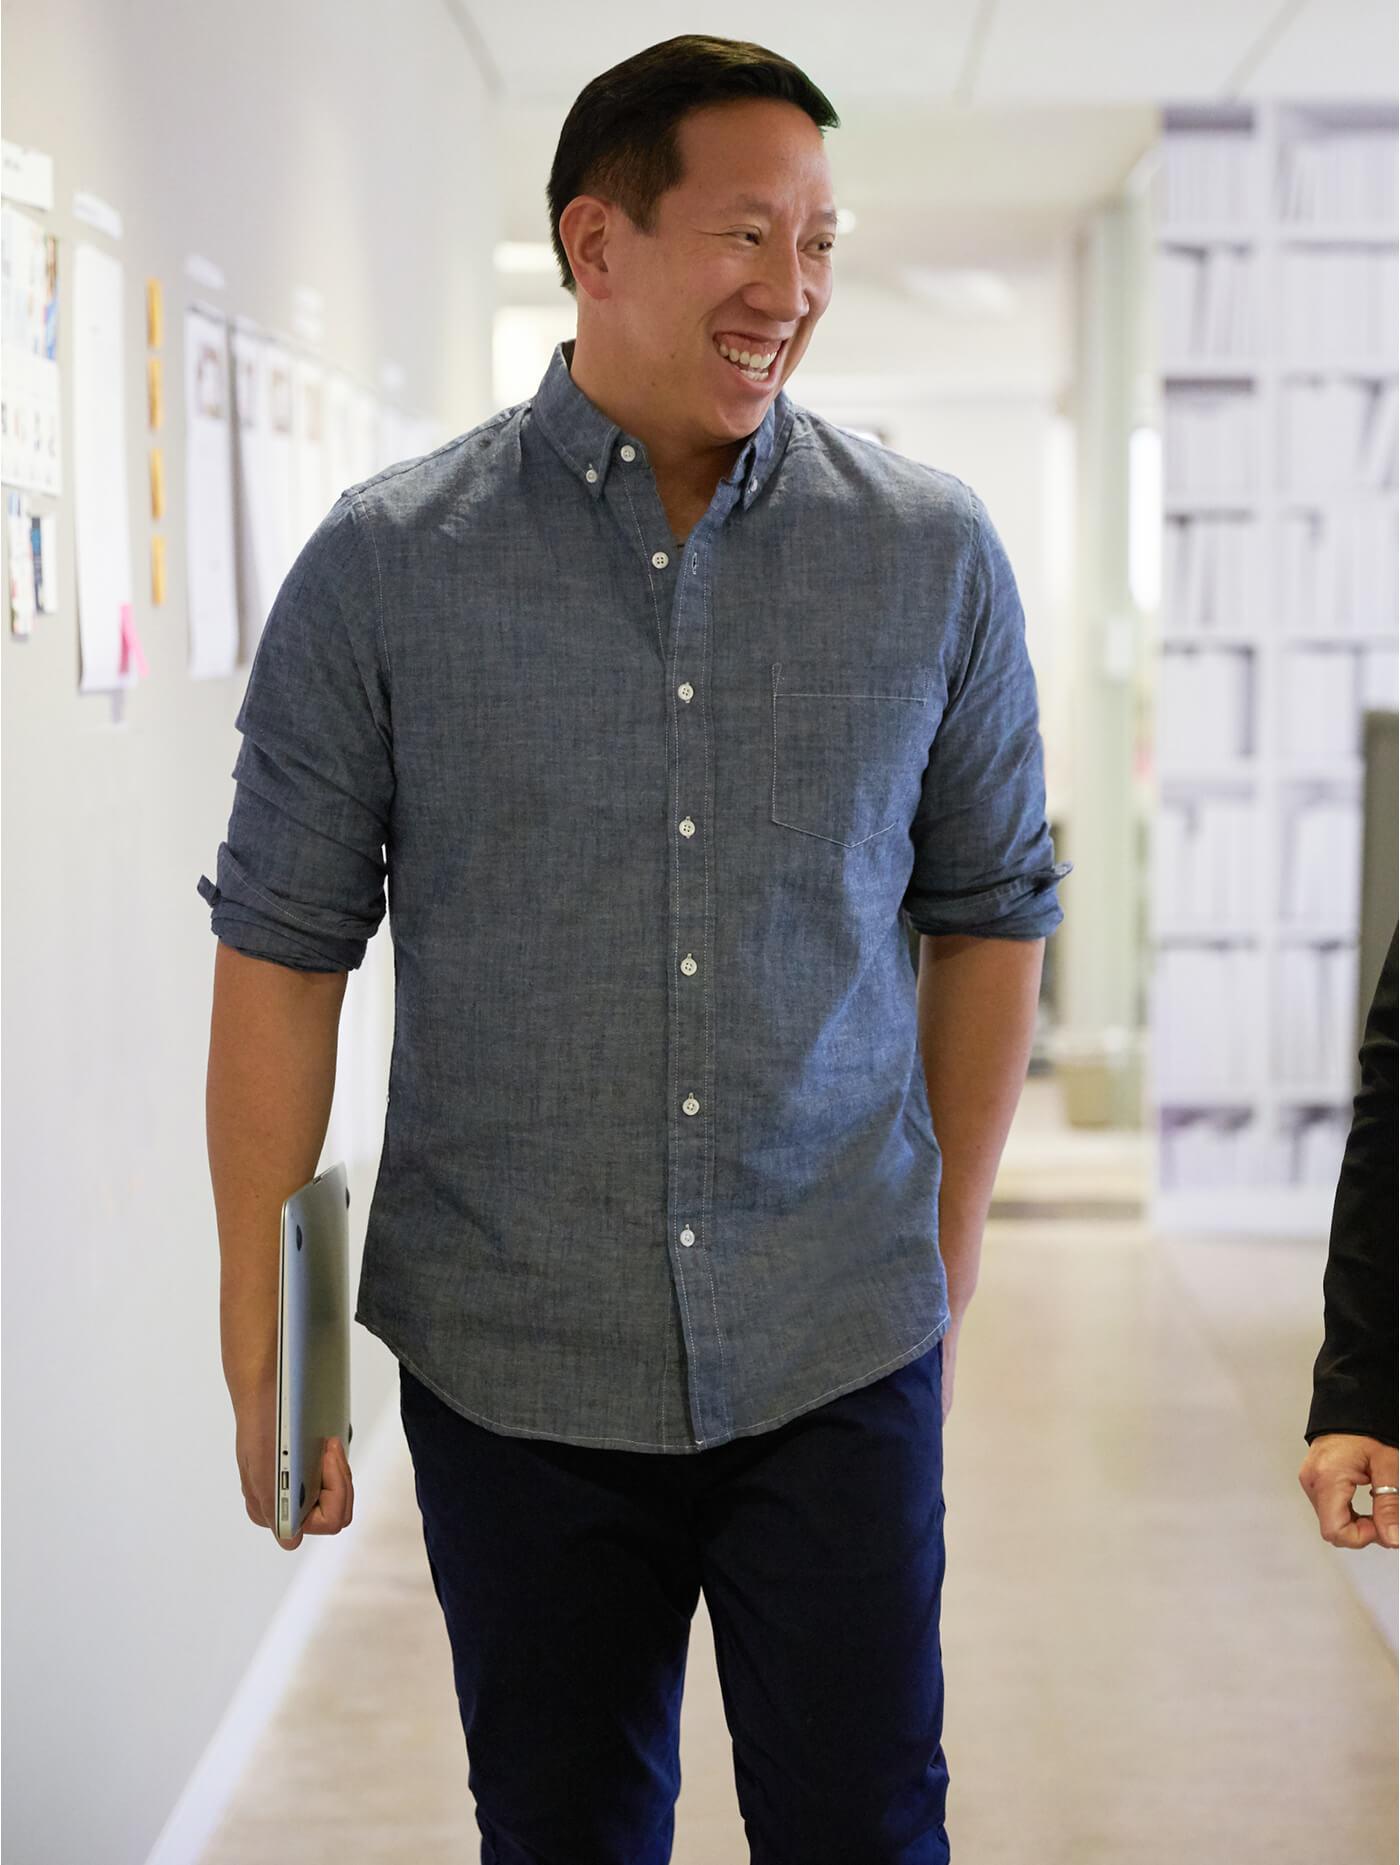 Best Mens Dress Shirt Colors